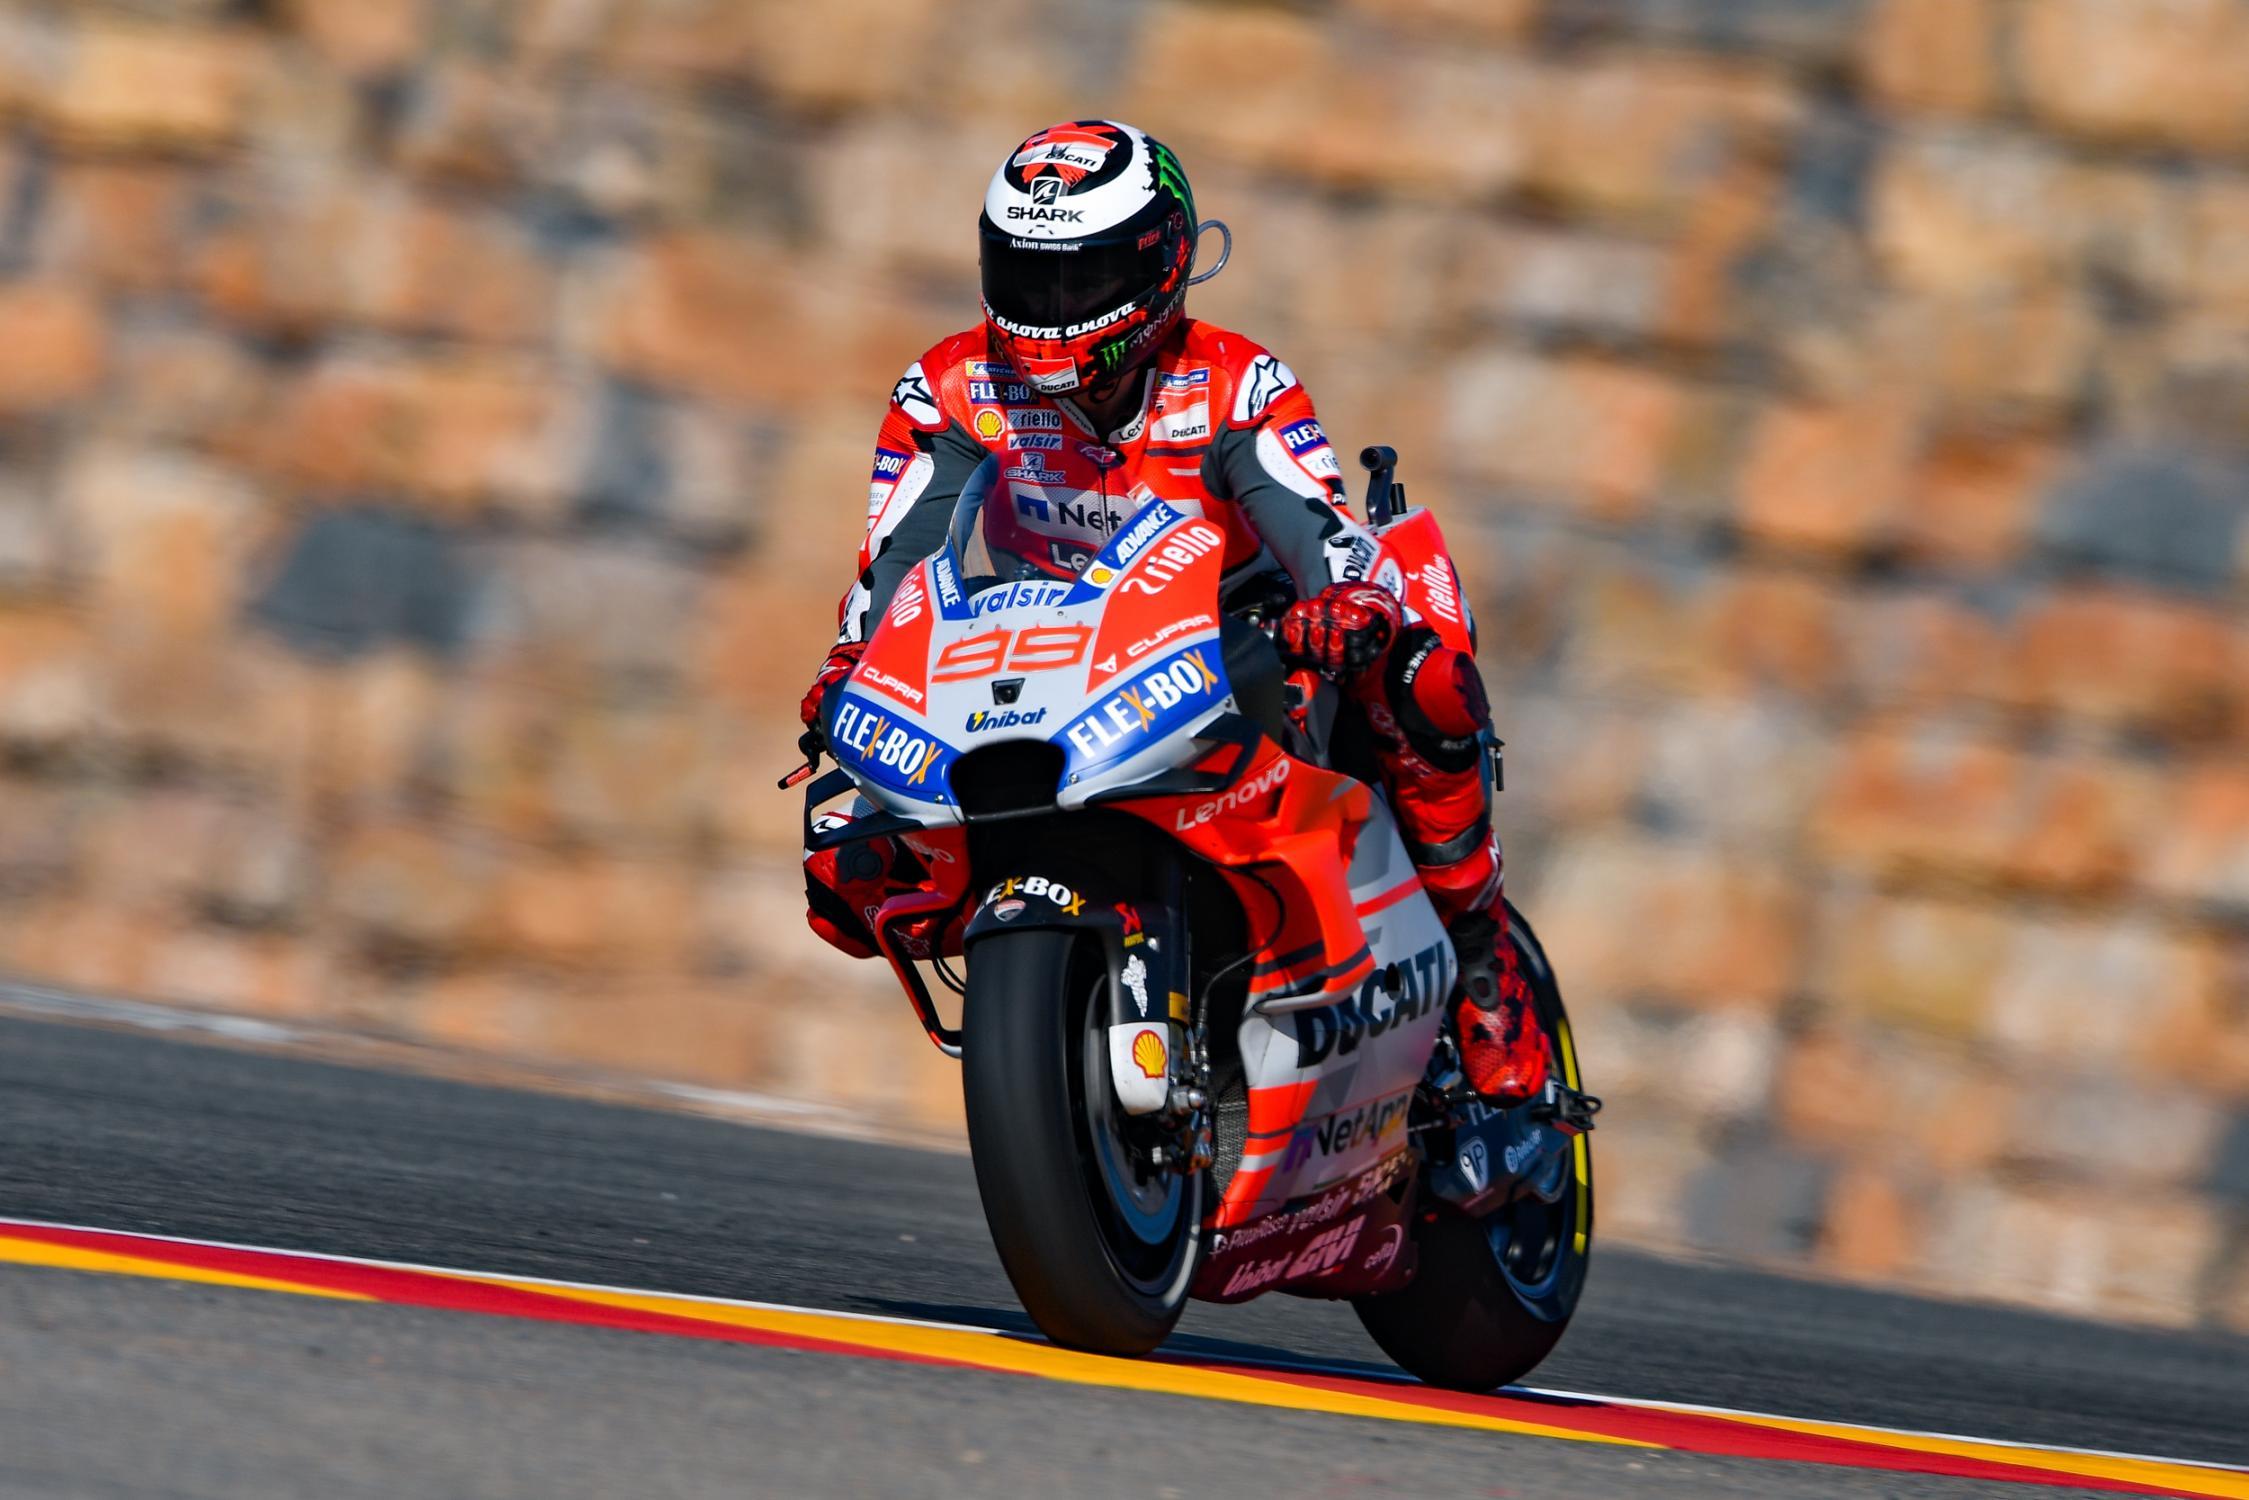 Výsledky kvalifikací MotoGP Aragon 2018